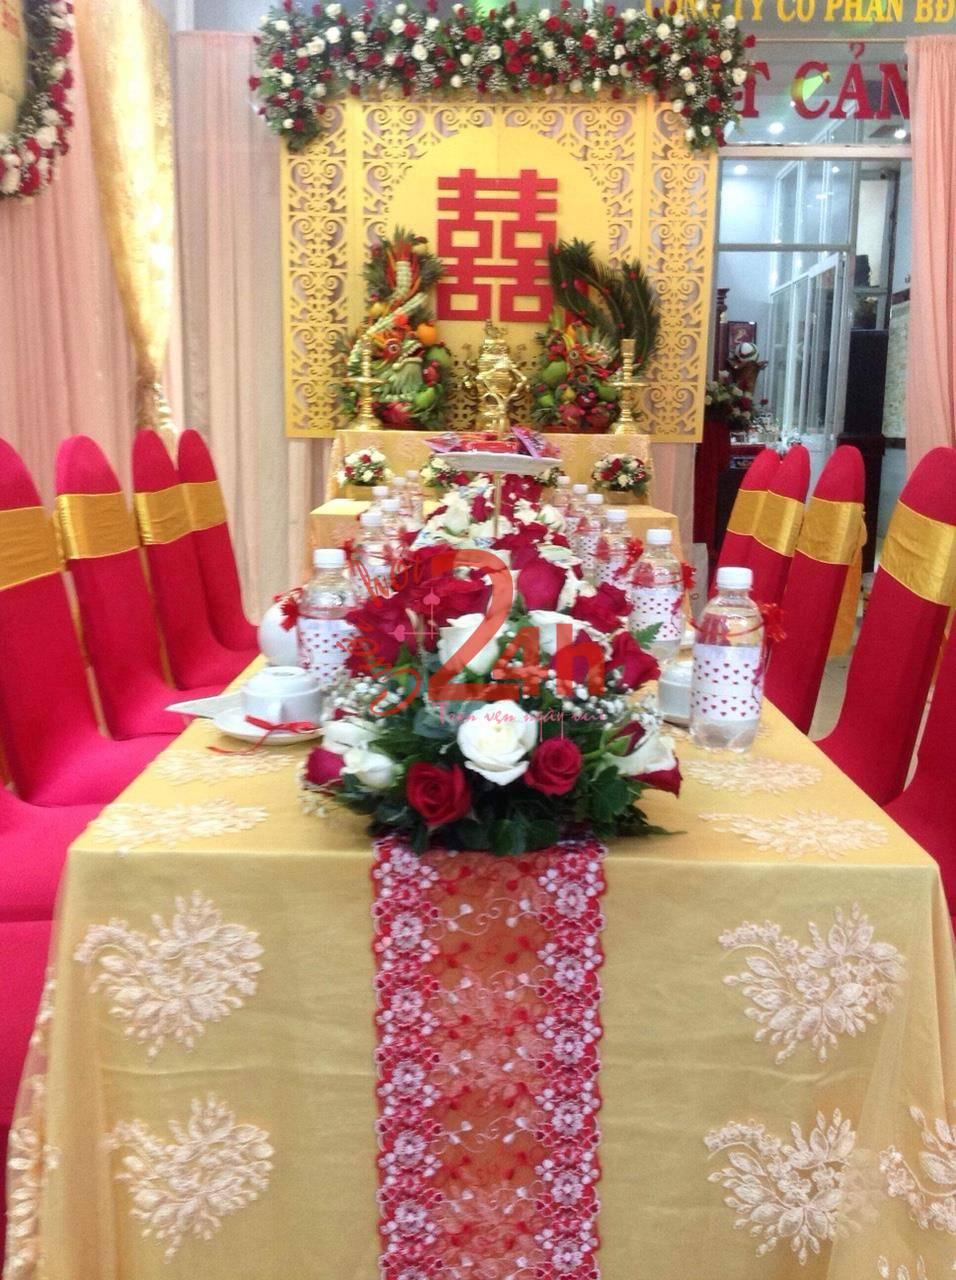 Dịch vụ cưới hỏi 24h trọn vẹn ngày vui chuyên trang trí nhà đám cưới hỏi và nhà hàng tiệc cưới | Dịch vụ kết hoa hồng tươi để bàn lễ gia tiên chuyên nghiệp